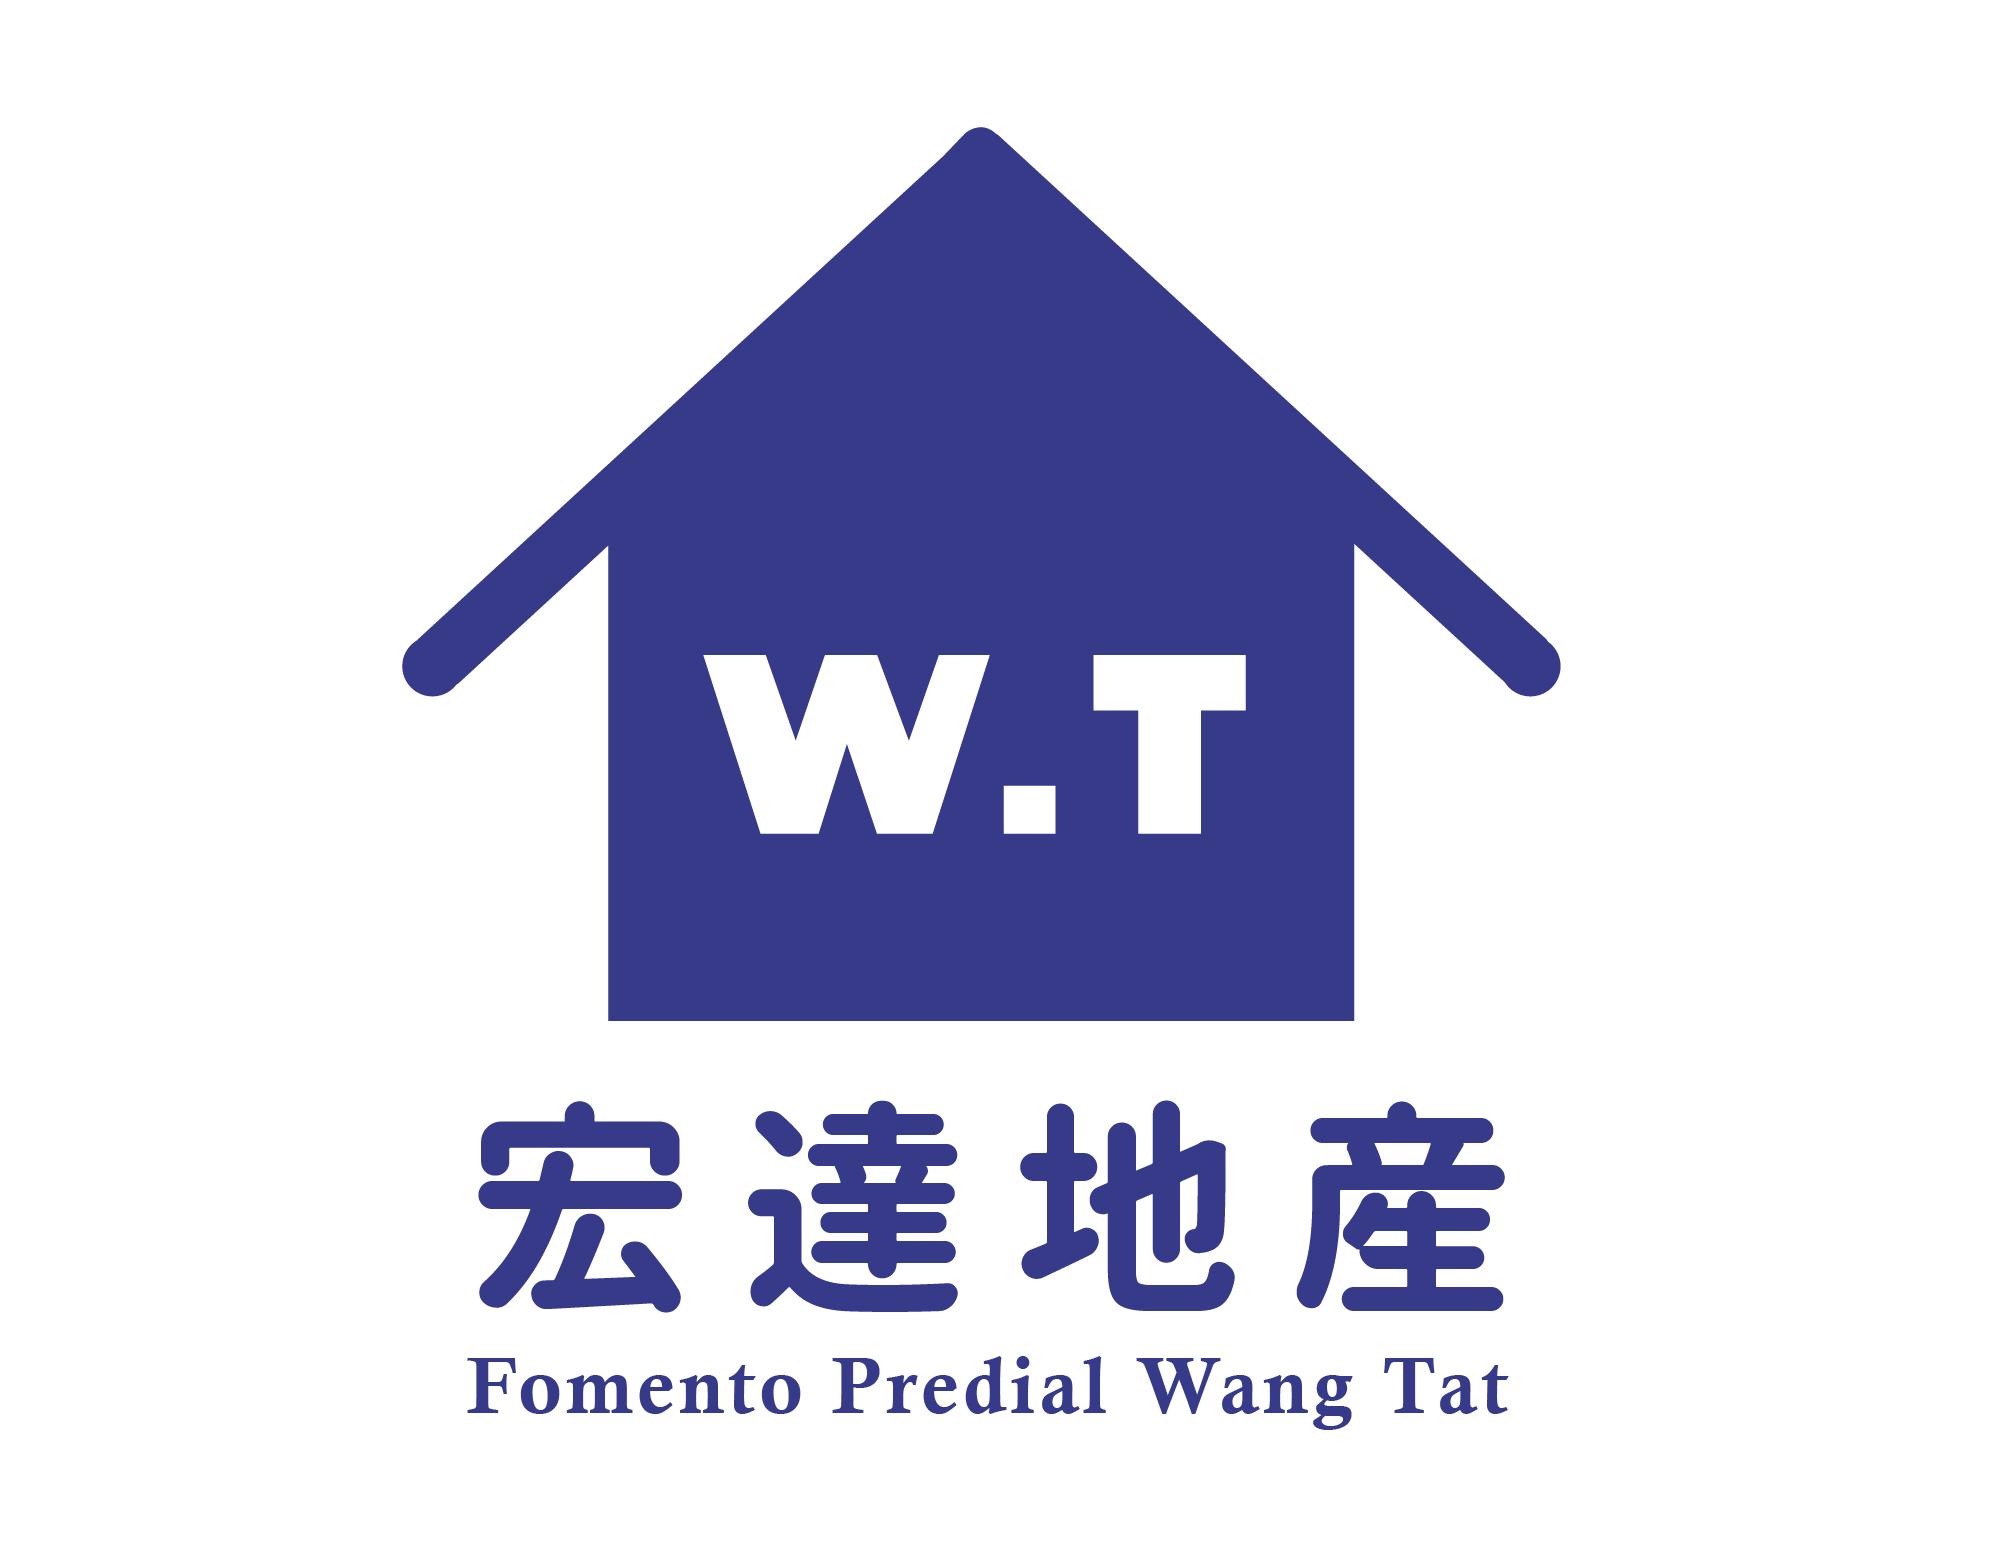 宏达汽车logo